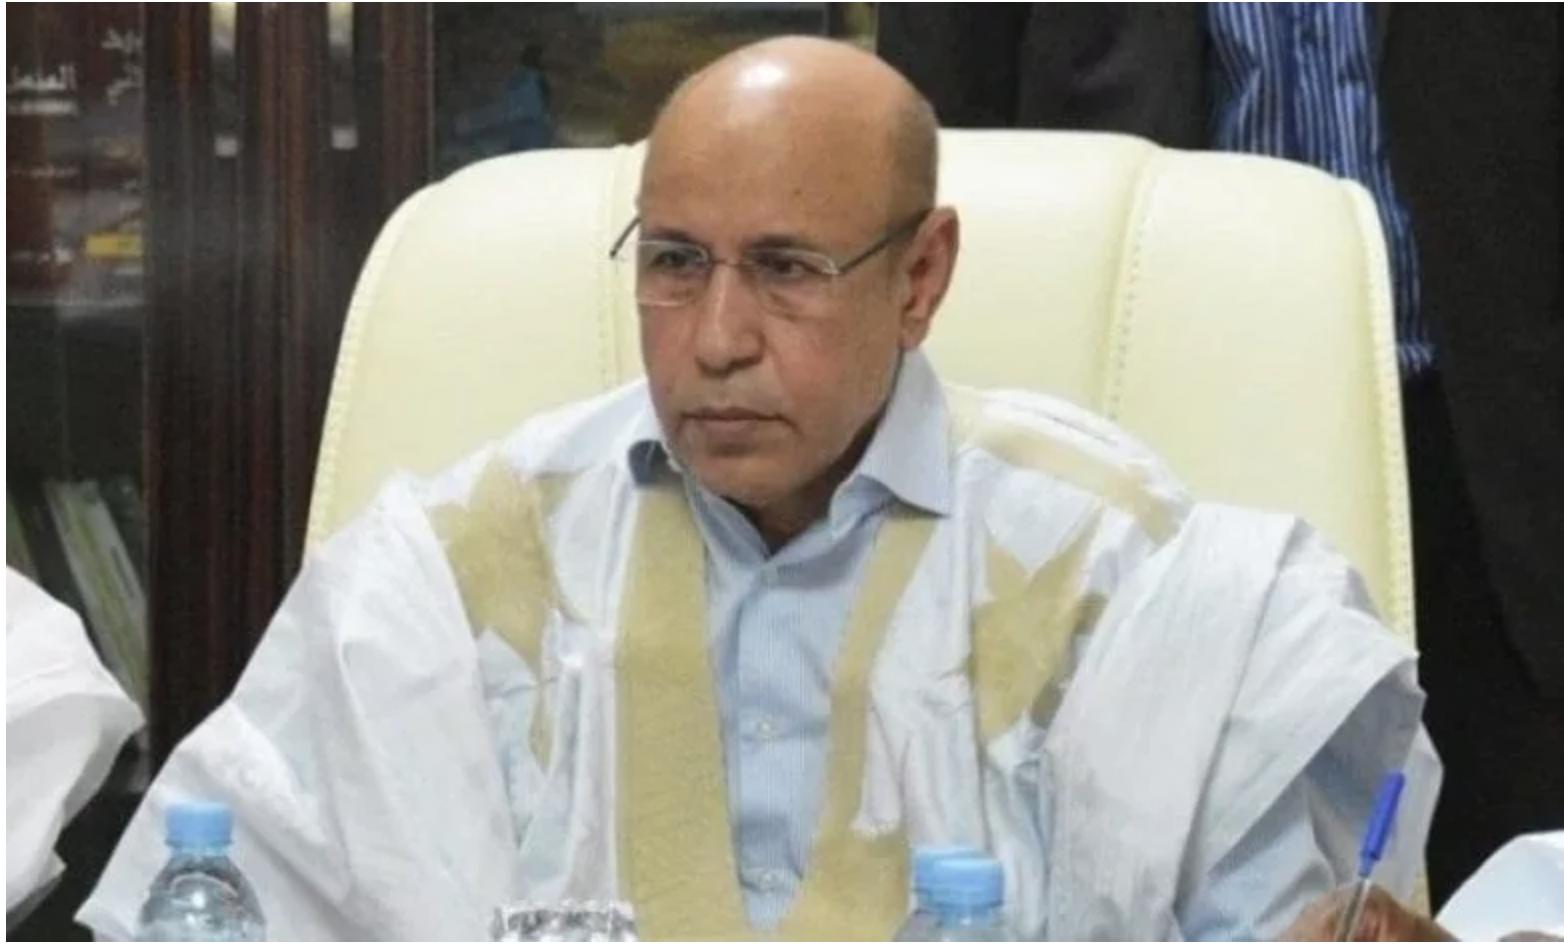 Mauritanie : 18 millions de dollars pour l'électrification de l'Aftout Chargui